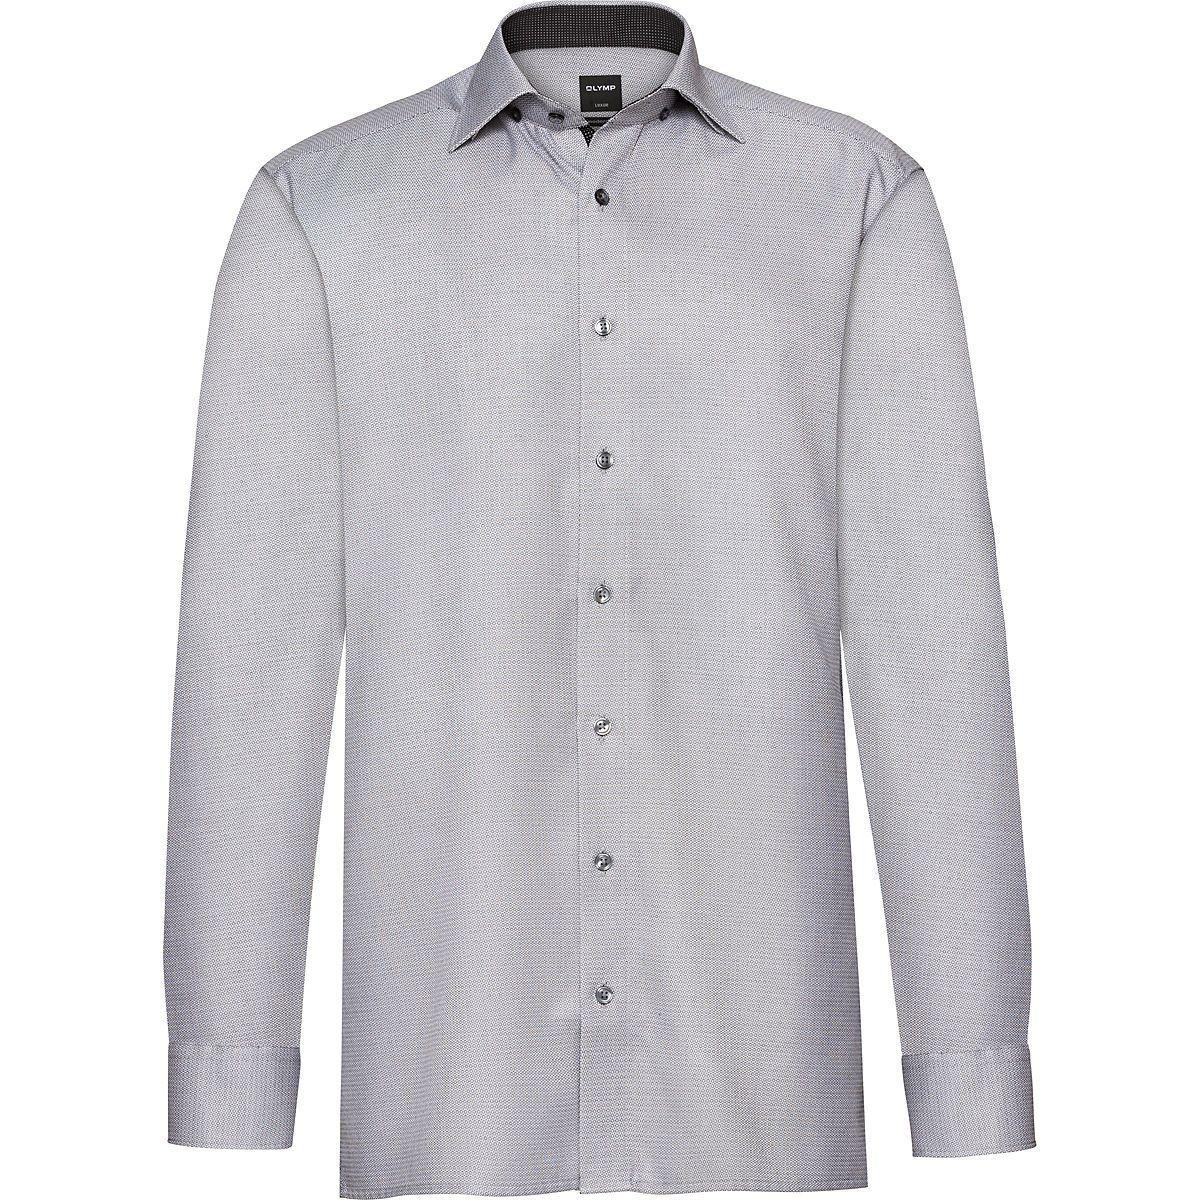 Olymp Business-Hemden für je 14, 99 € im Abverkauf